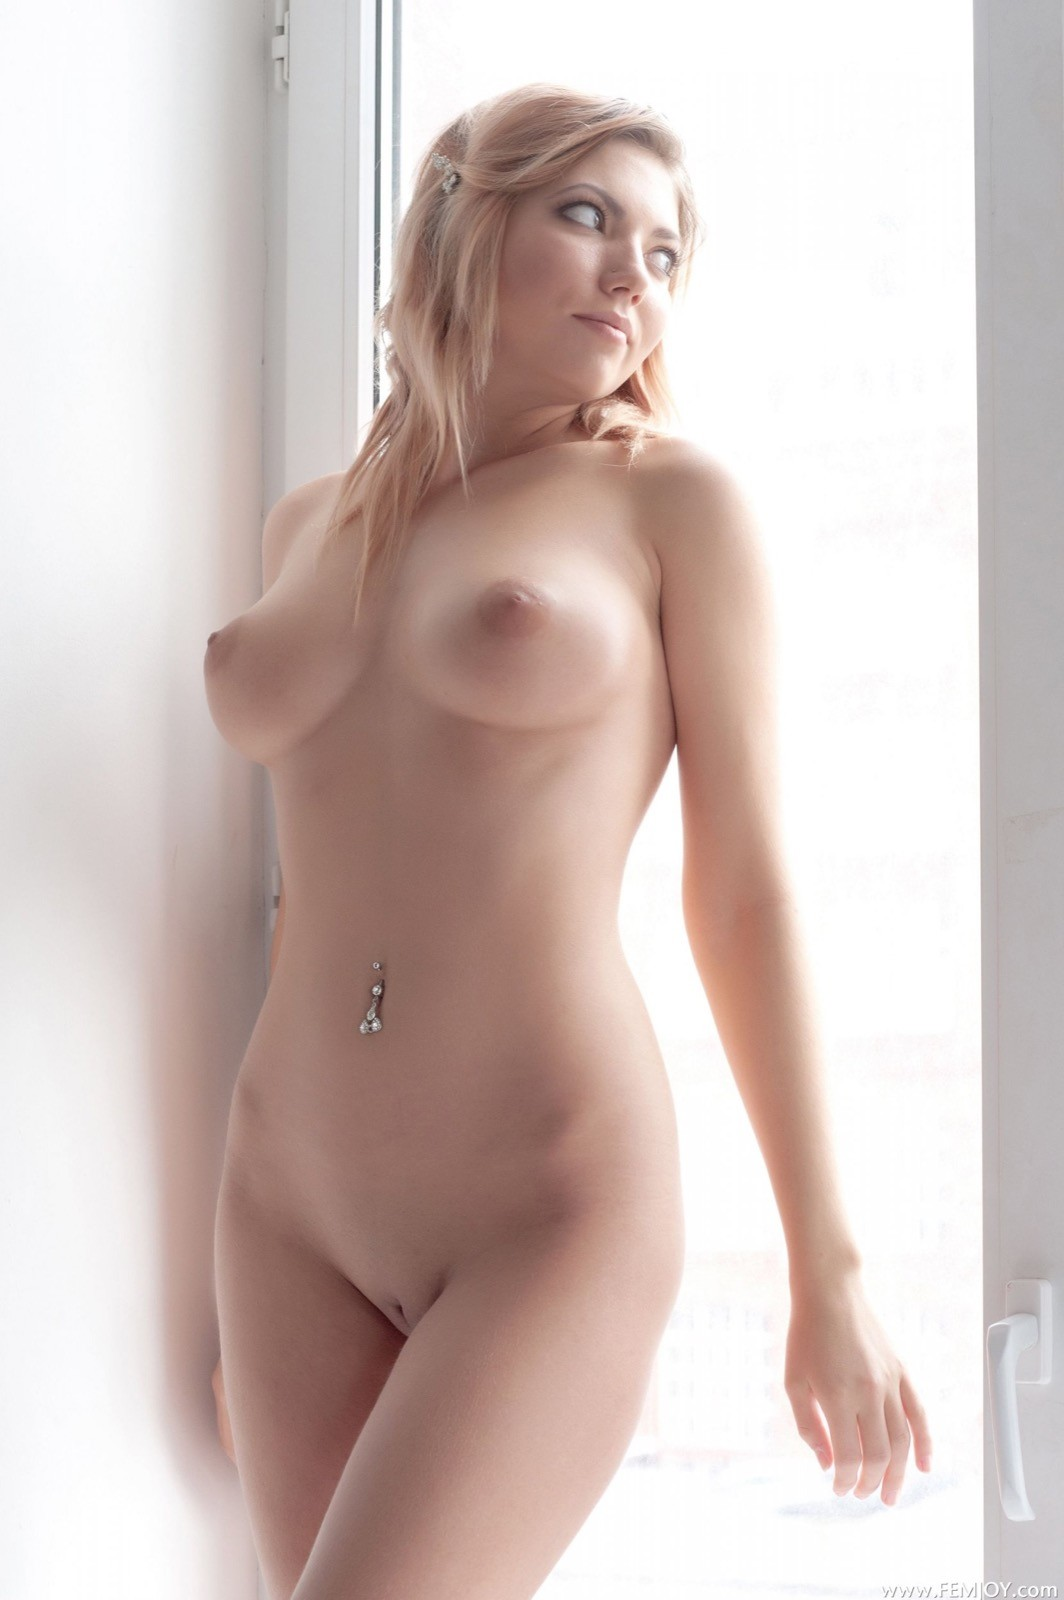 Голая блондинка с пирсингом в пупке - фото